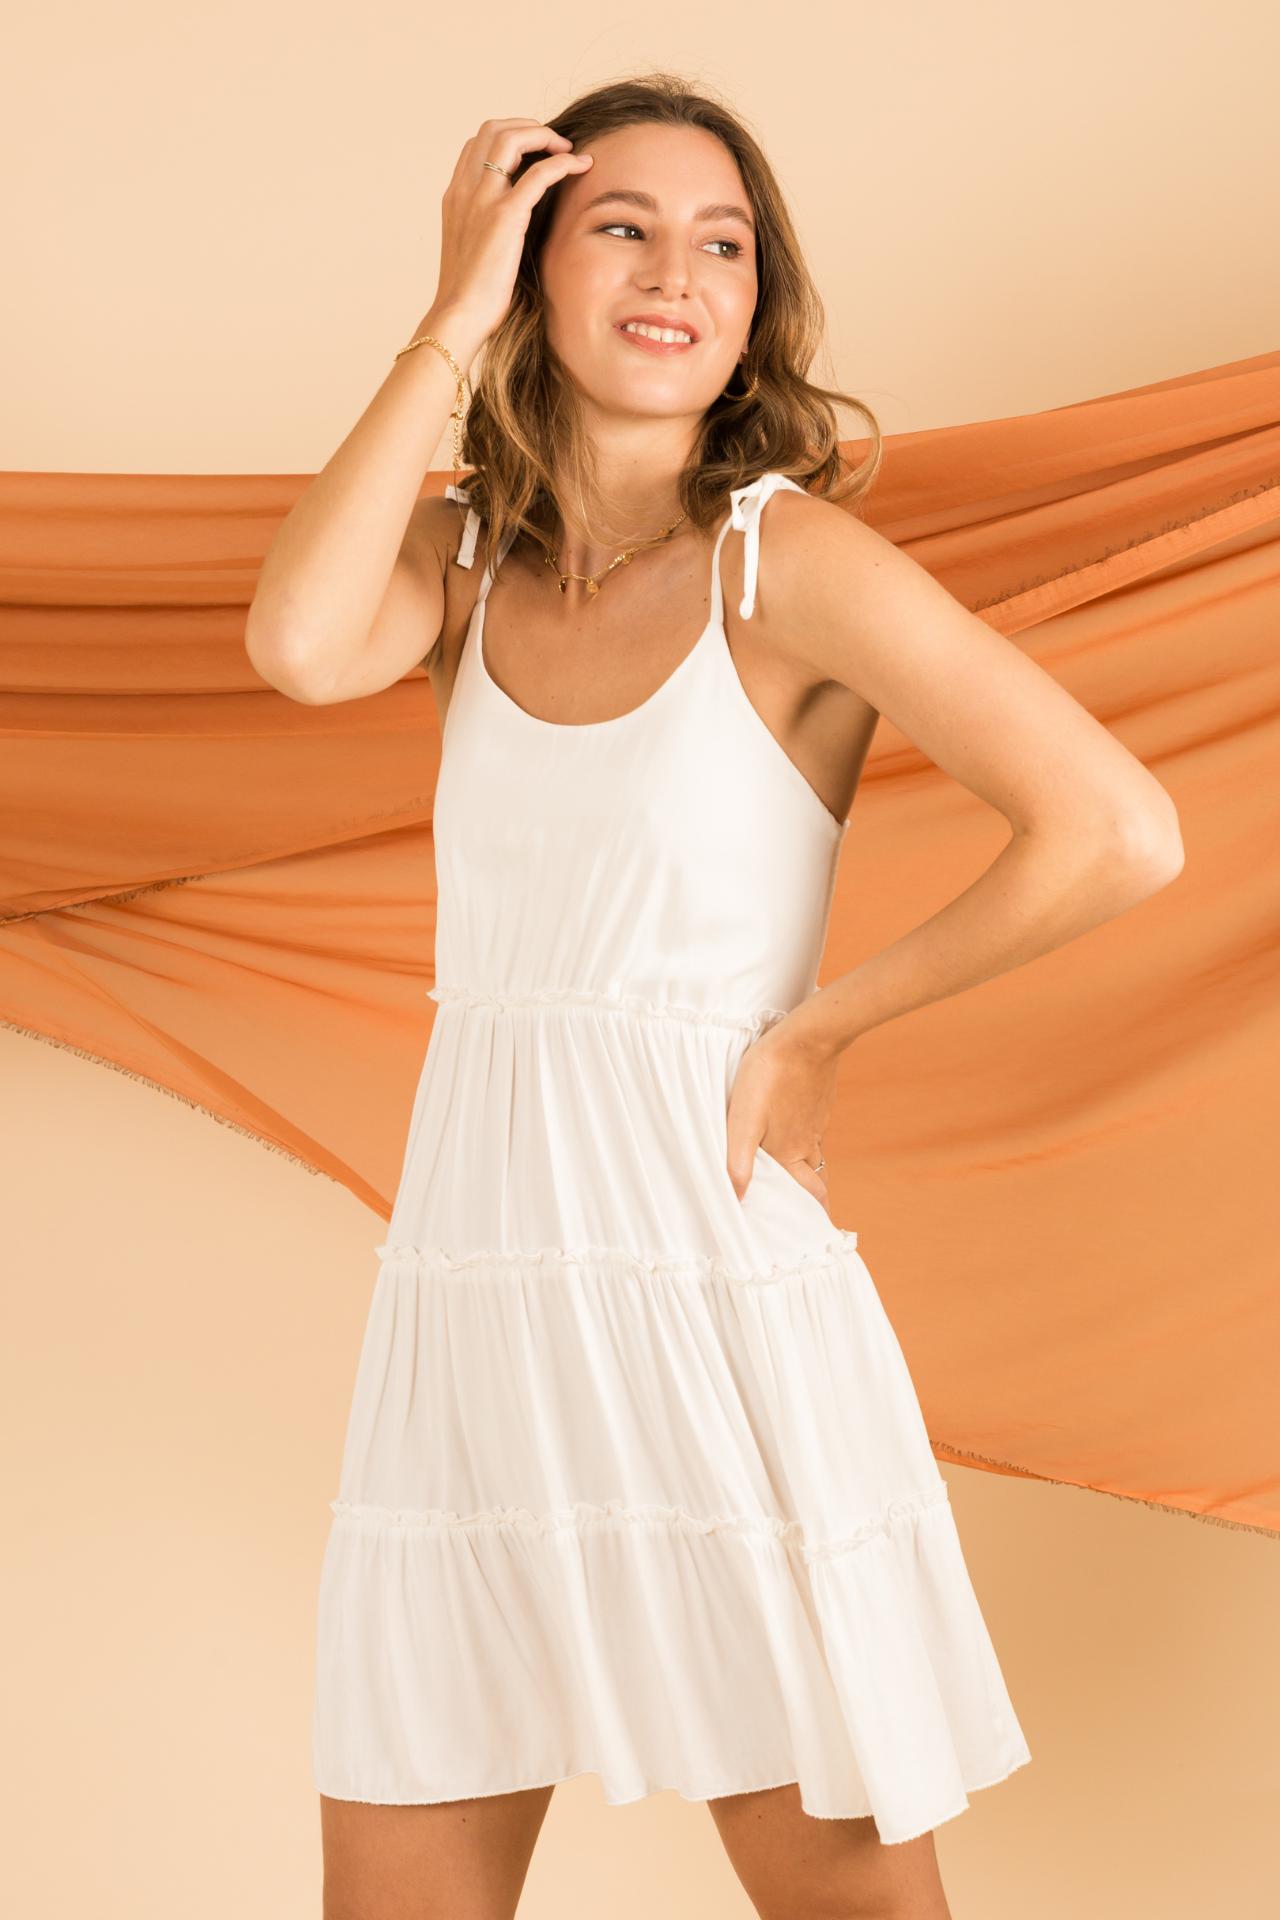 Vestido corto  Multiaguja en la espalda  Material: rayon  Contorno de busto hasta 97 cm  Largo: 86 cm desdel el hombro